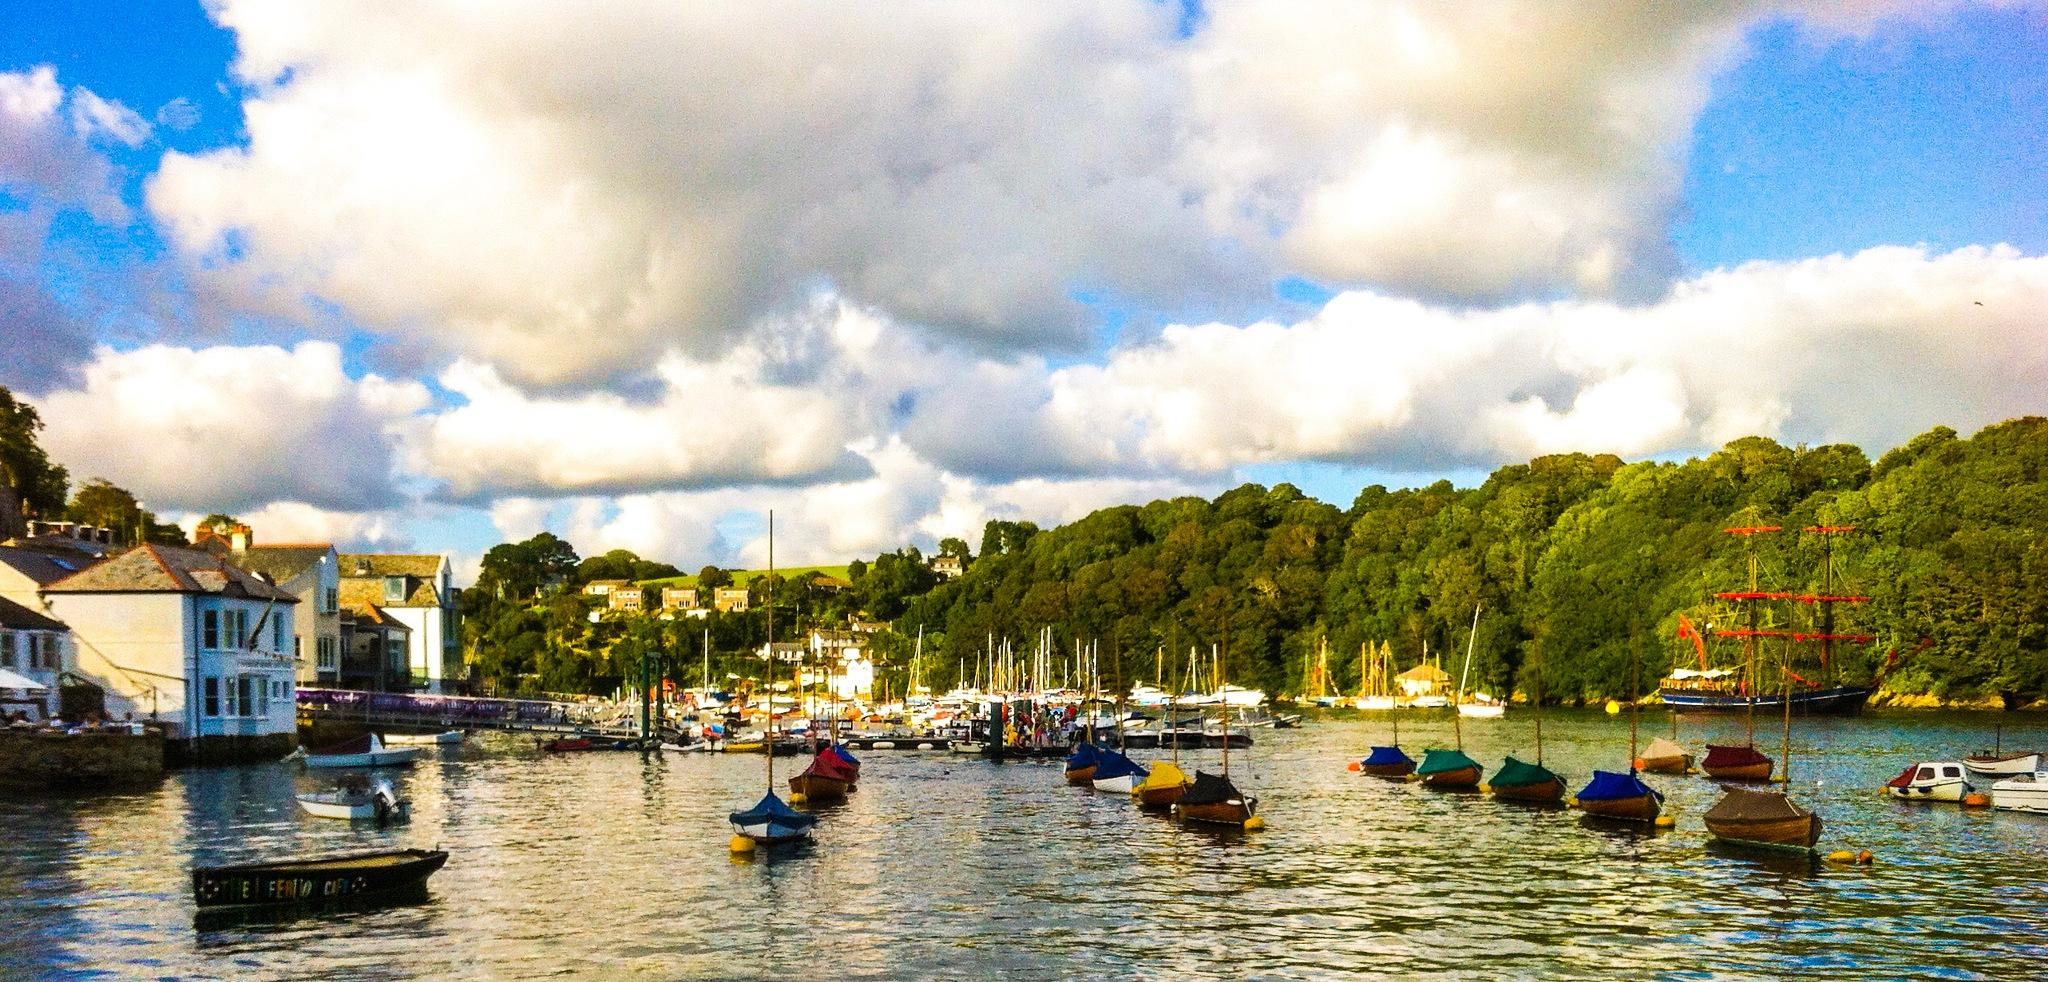 Dartmouth Regatta by Simon Fincham